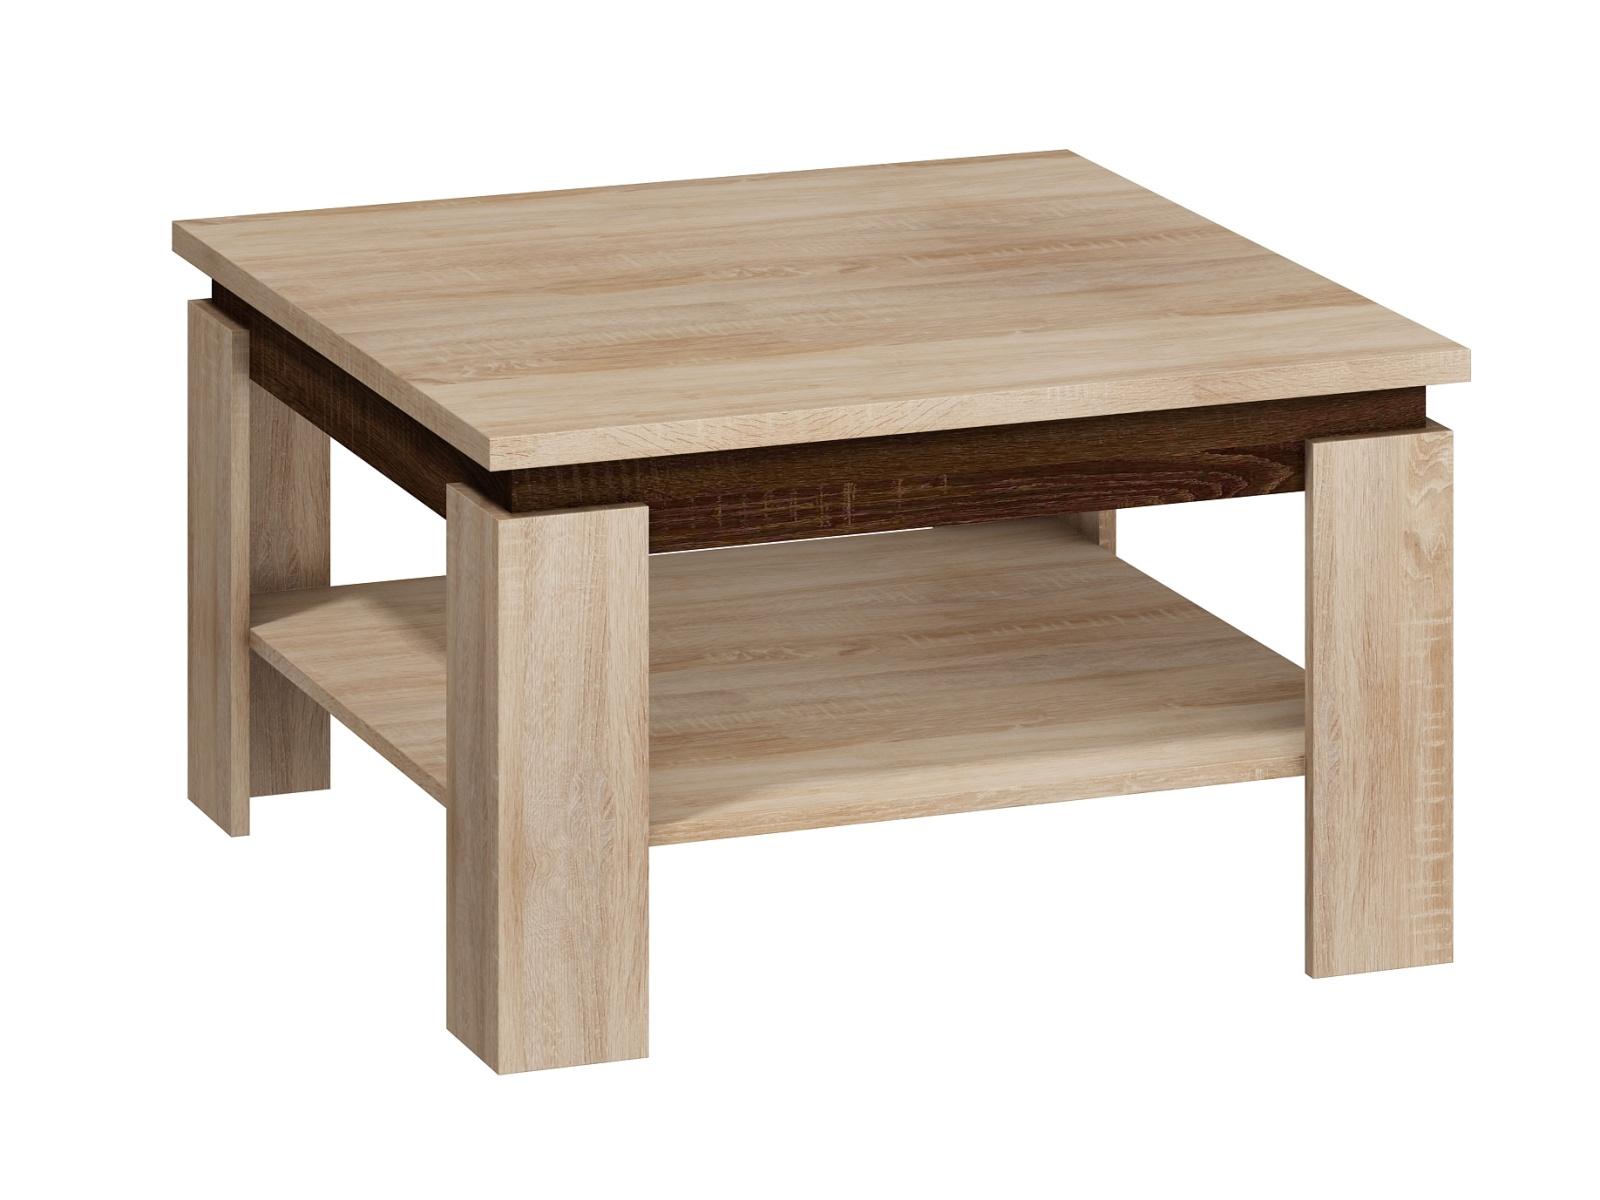 MORAVIA FLAT Konferenční stolek ALFA, dub sonoma světlý/dub sonoma tmavý